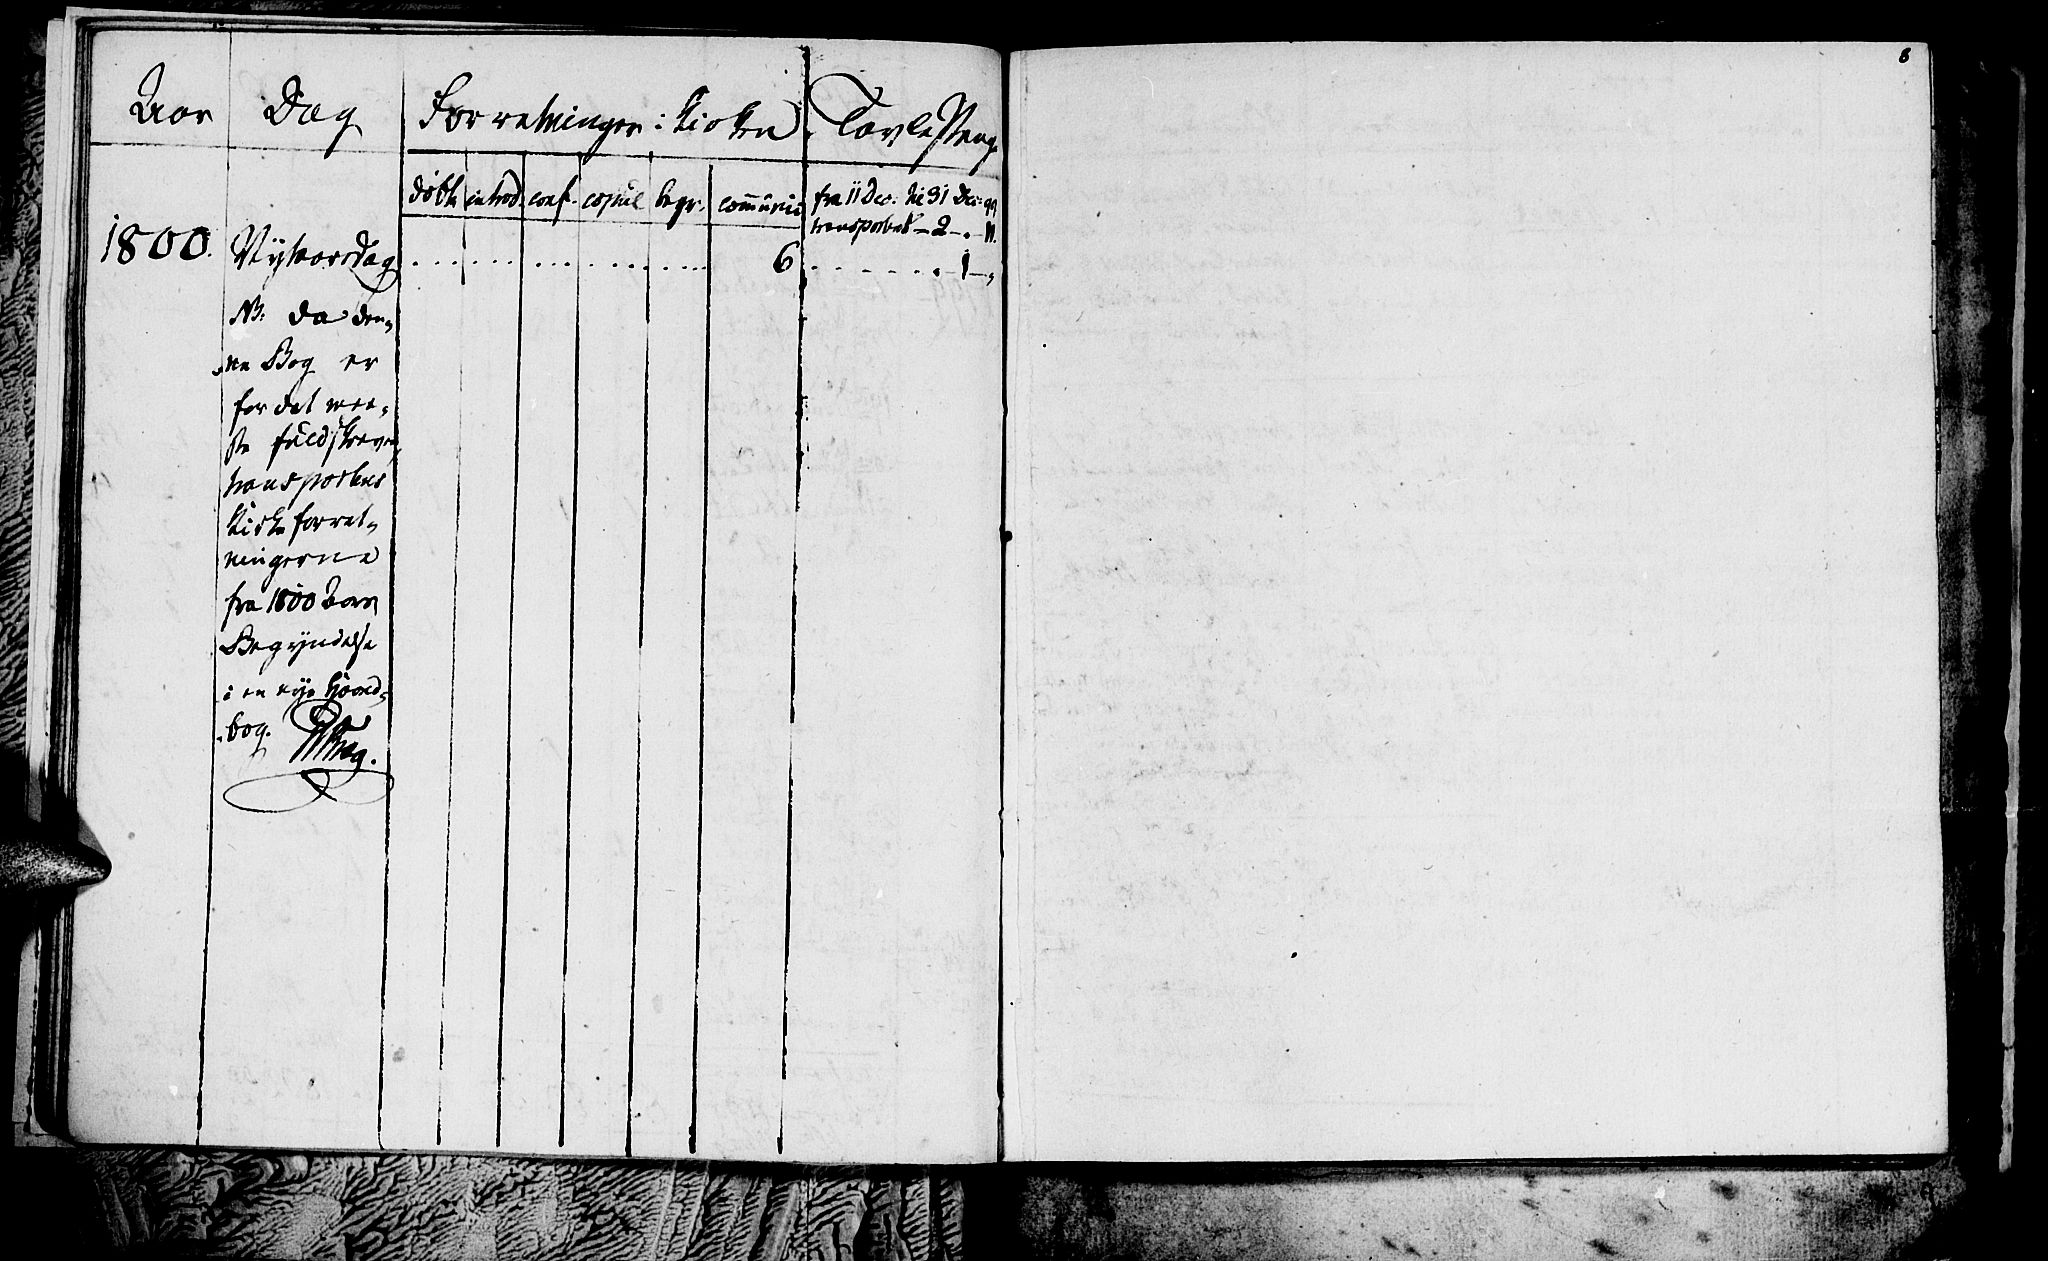 SAT, Ministerialprotokoller, klokkerbøker og fødselsregistre - Sør-Trøndelag, 681/L0937: Klokkerbok nr. 681C01, 1798-1810, s. 6